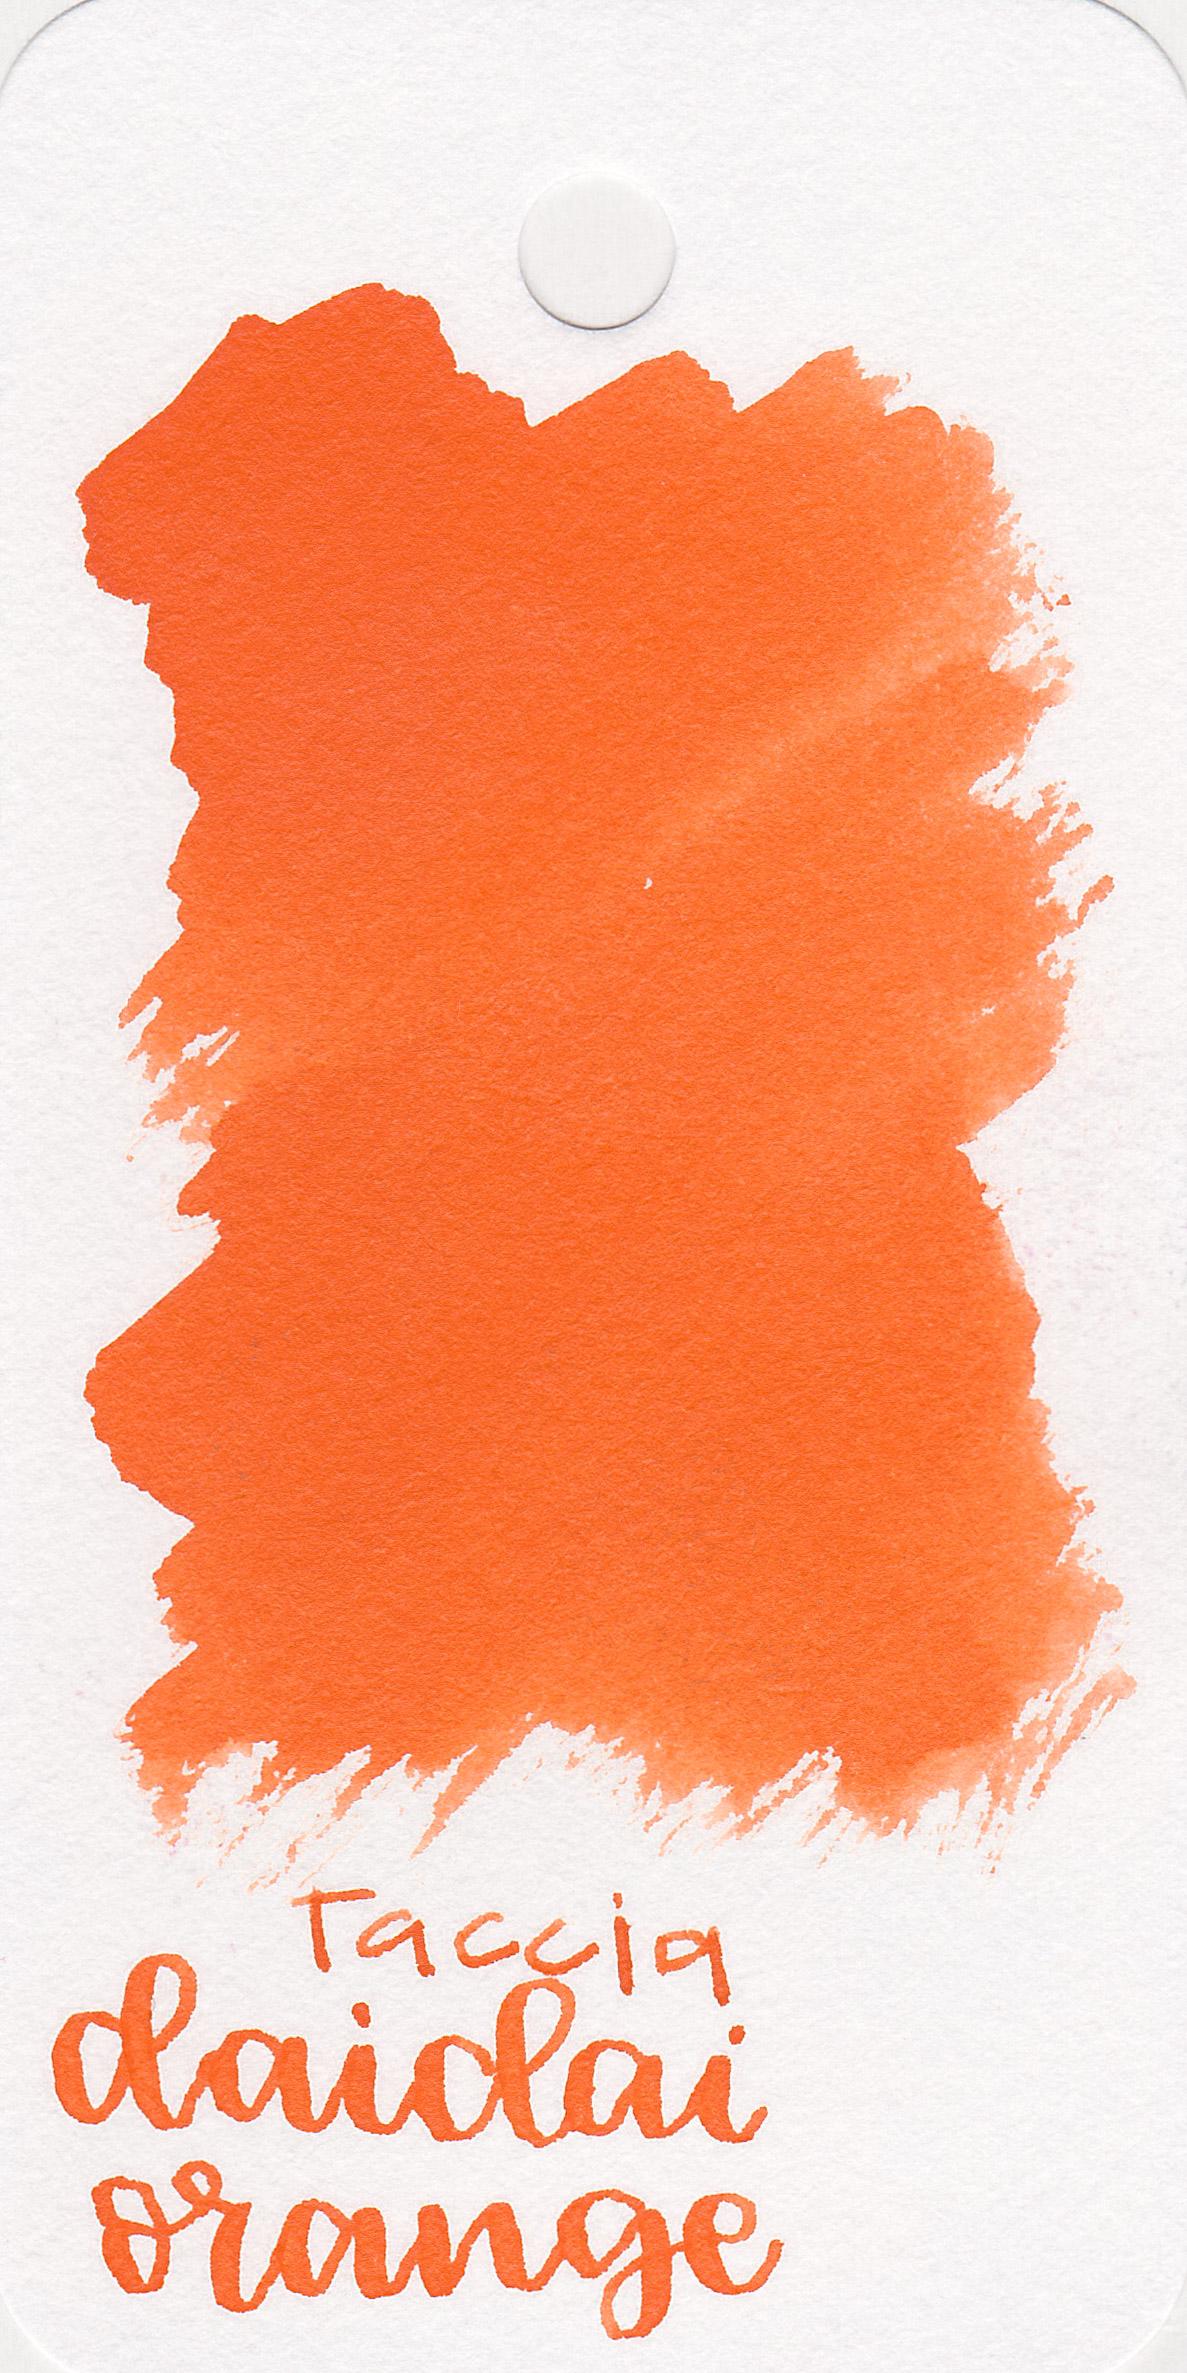 tac-daida-orange-1.jpg